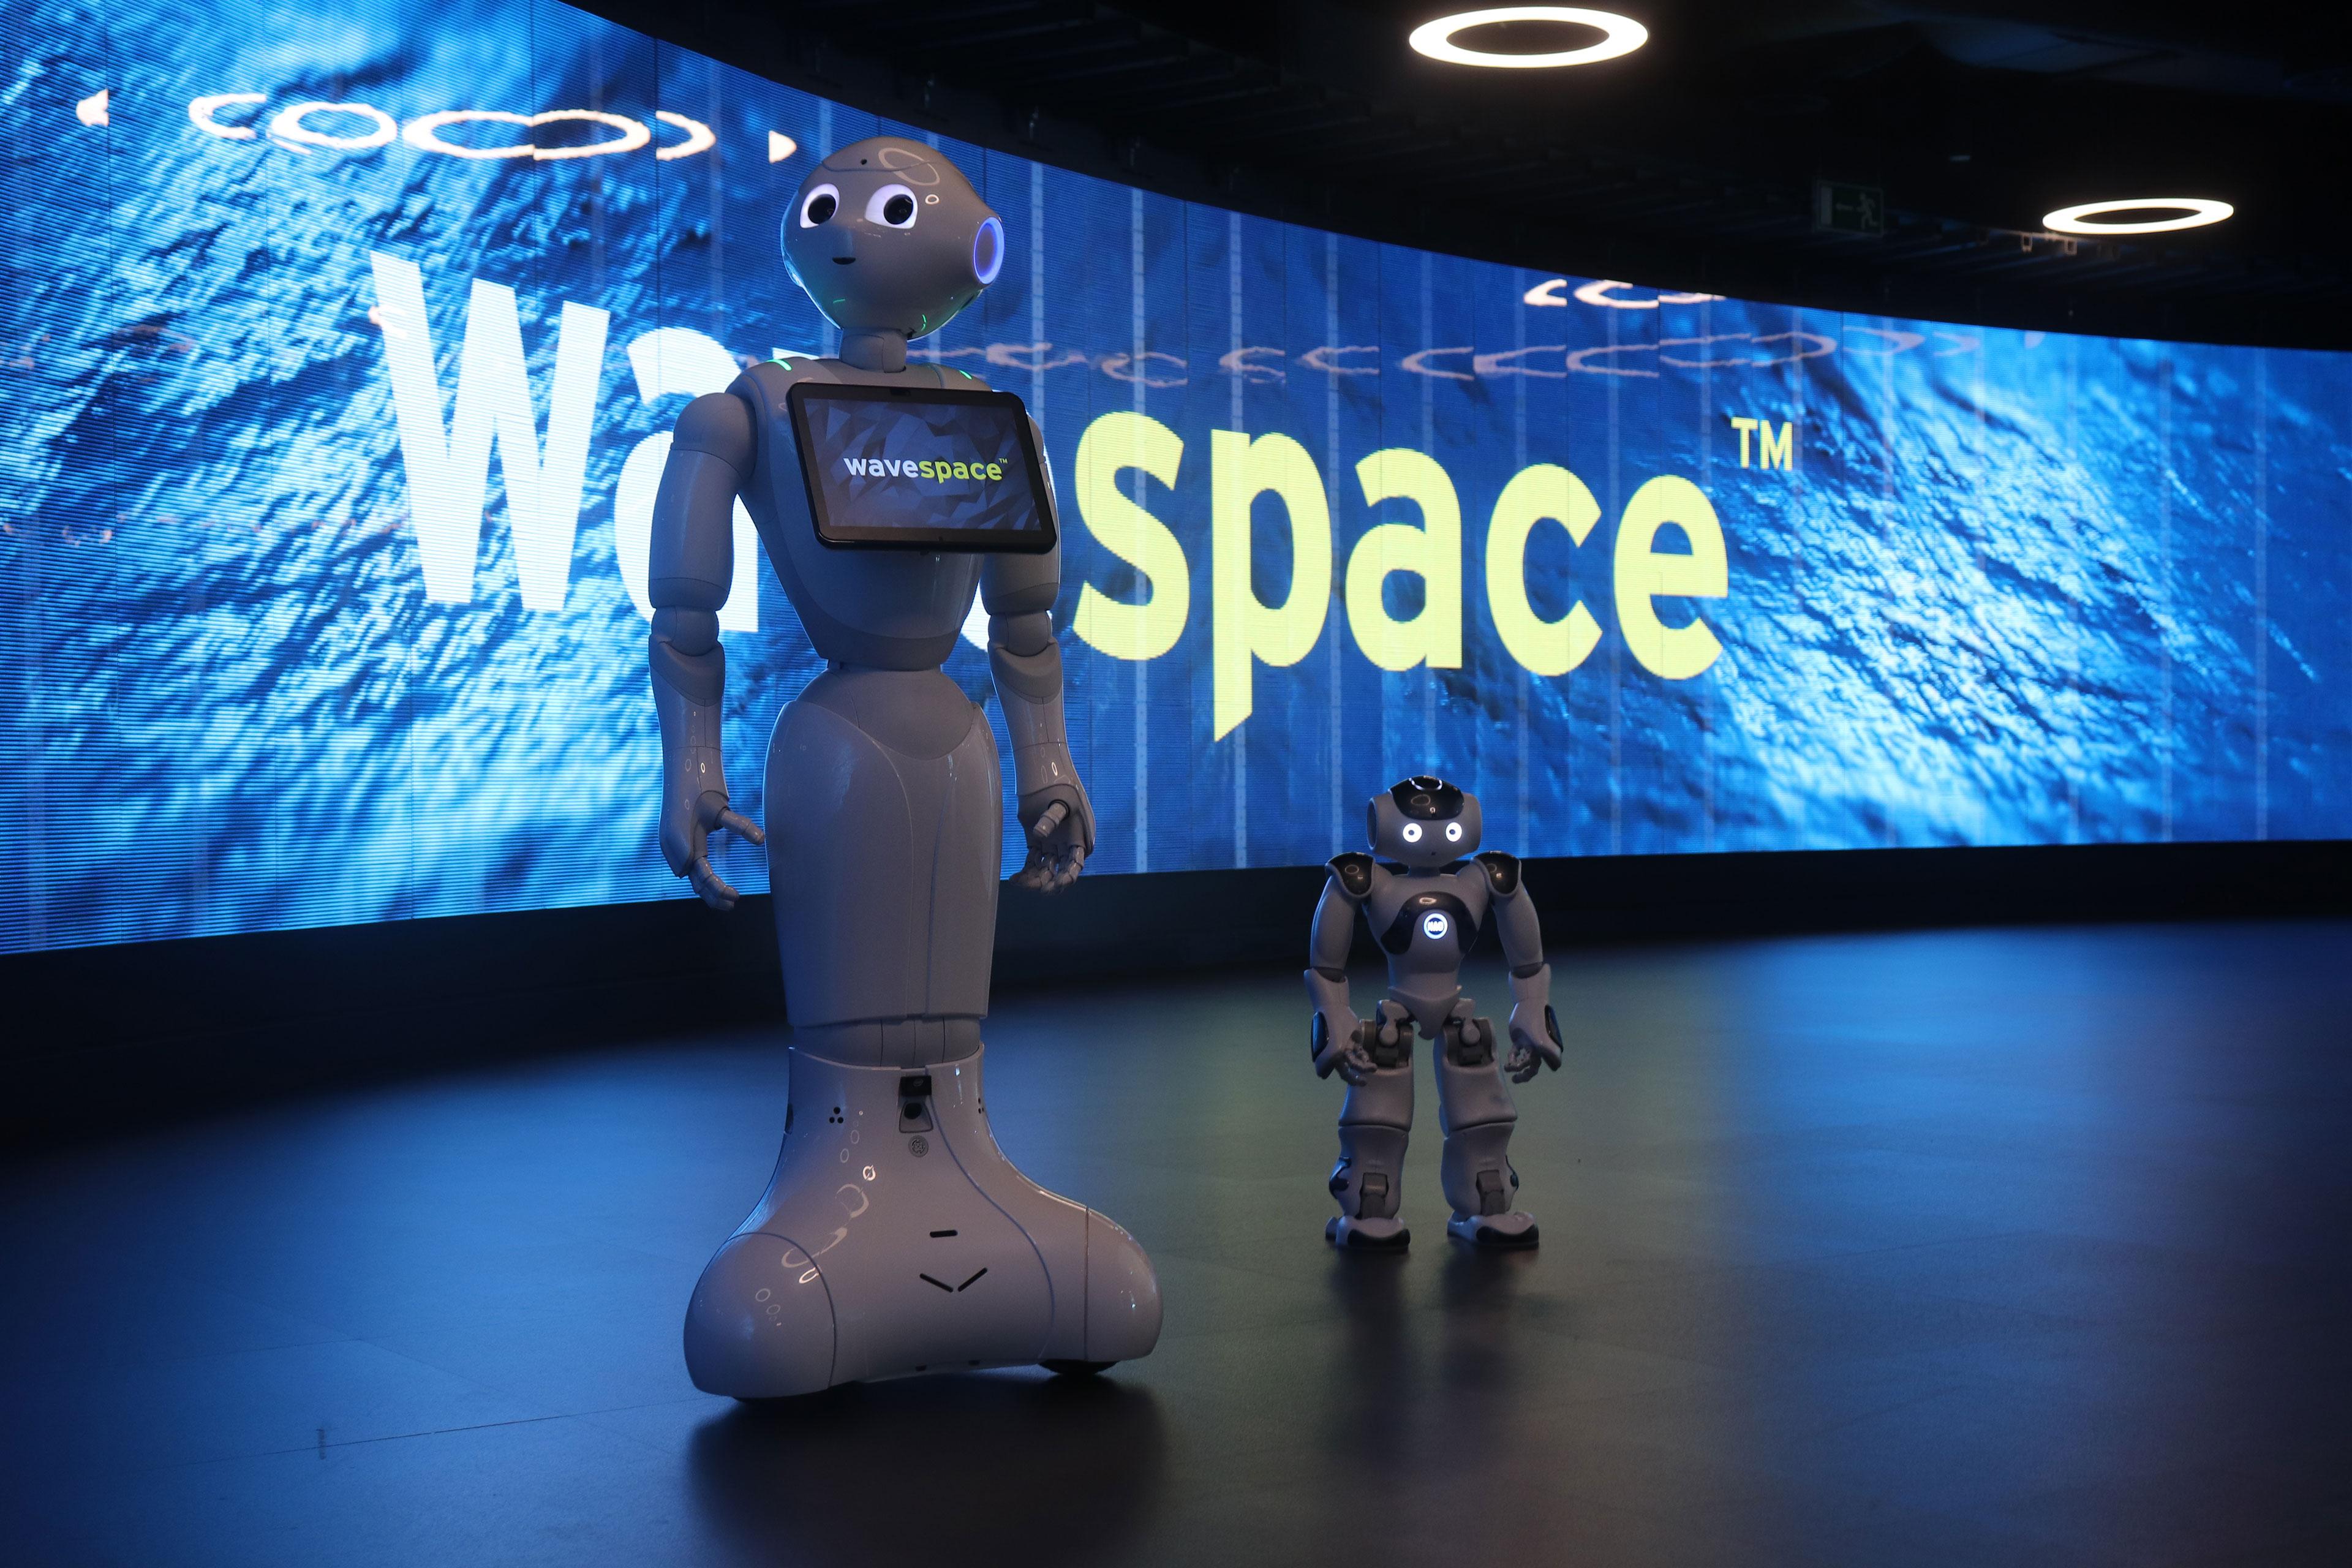 imagen de bots furtivos de EY wavespace Madrid